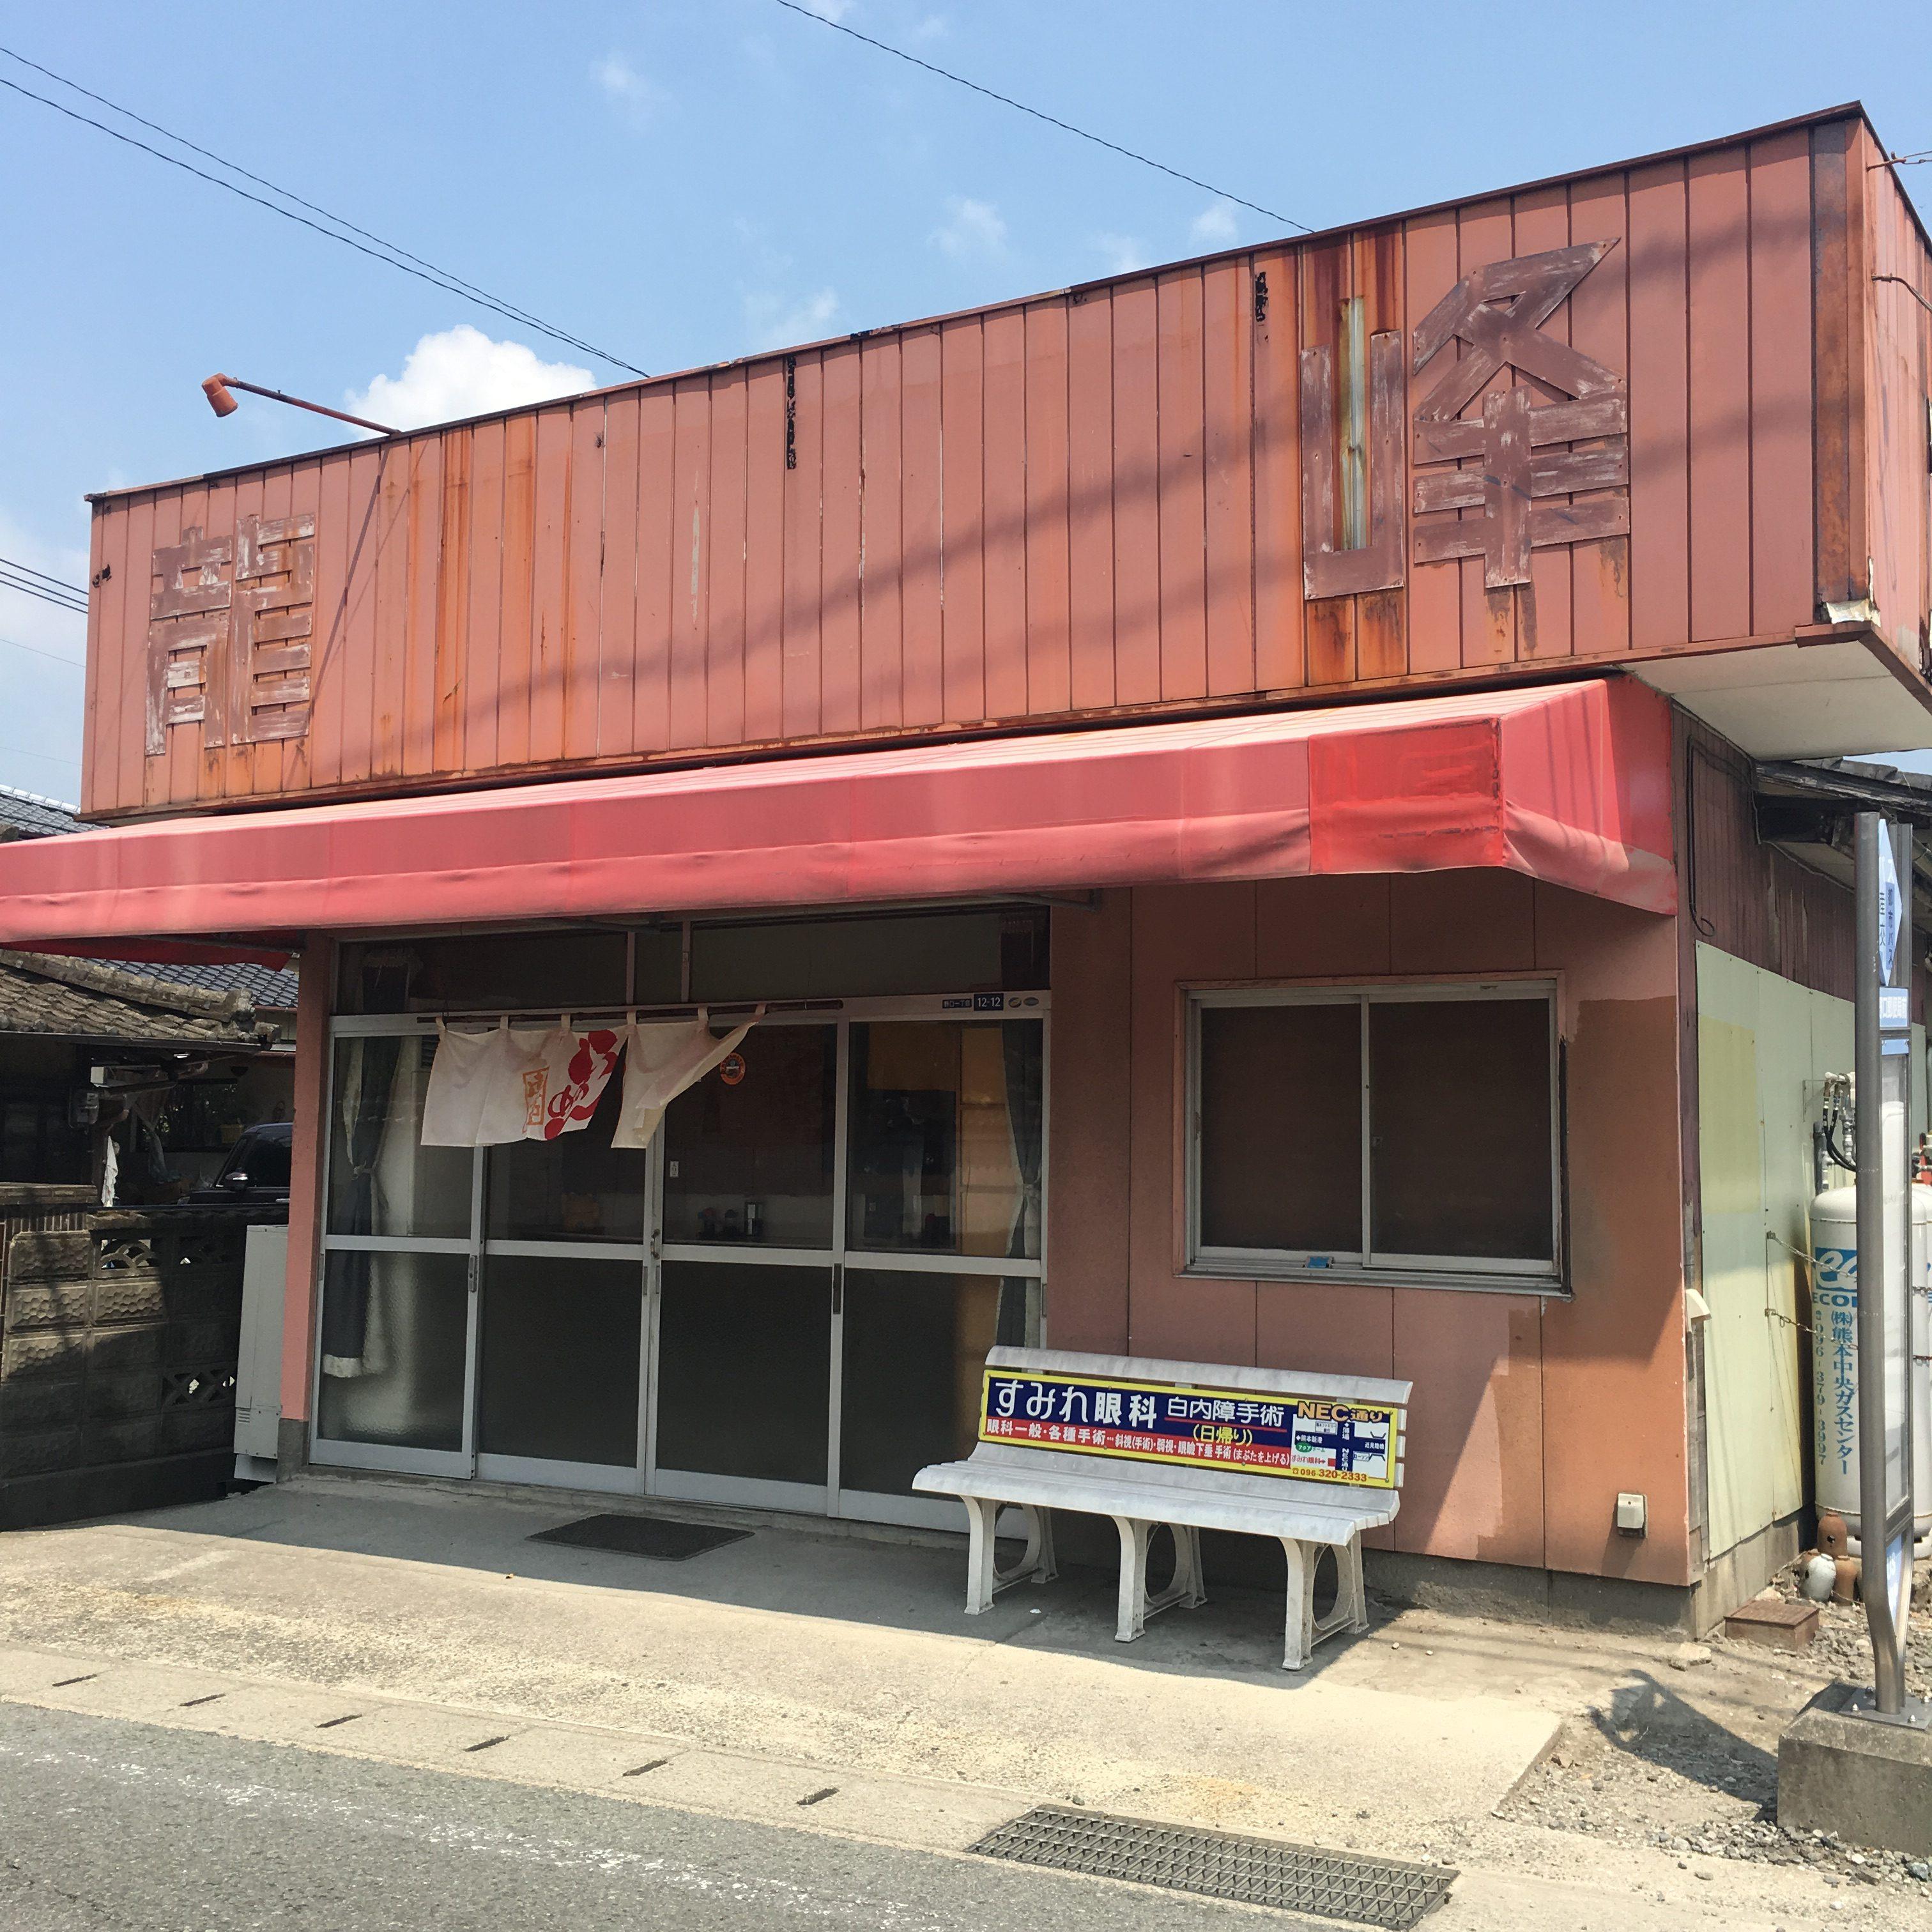 【龍峰ラーメン】熊本南区にある王道の熊本ラーメン!がウマイ店